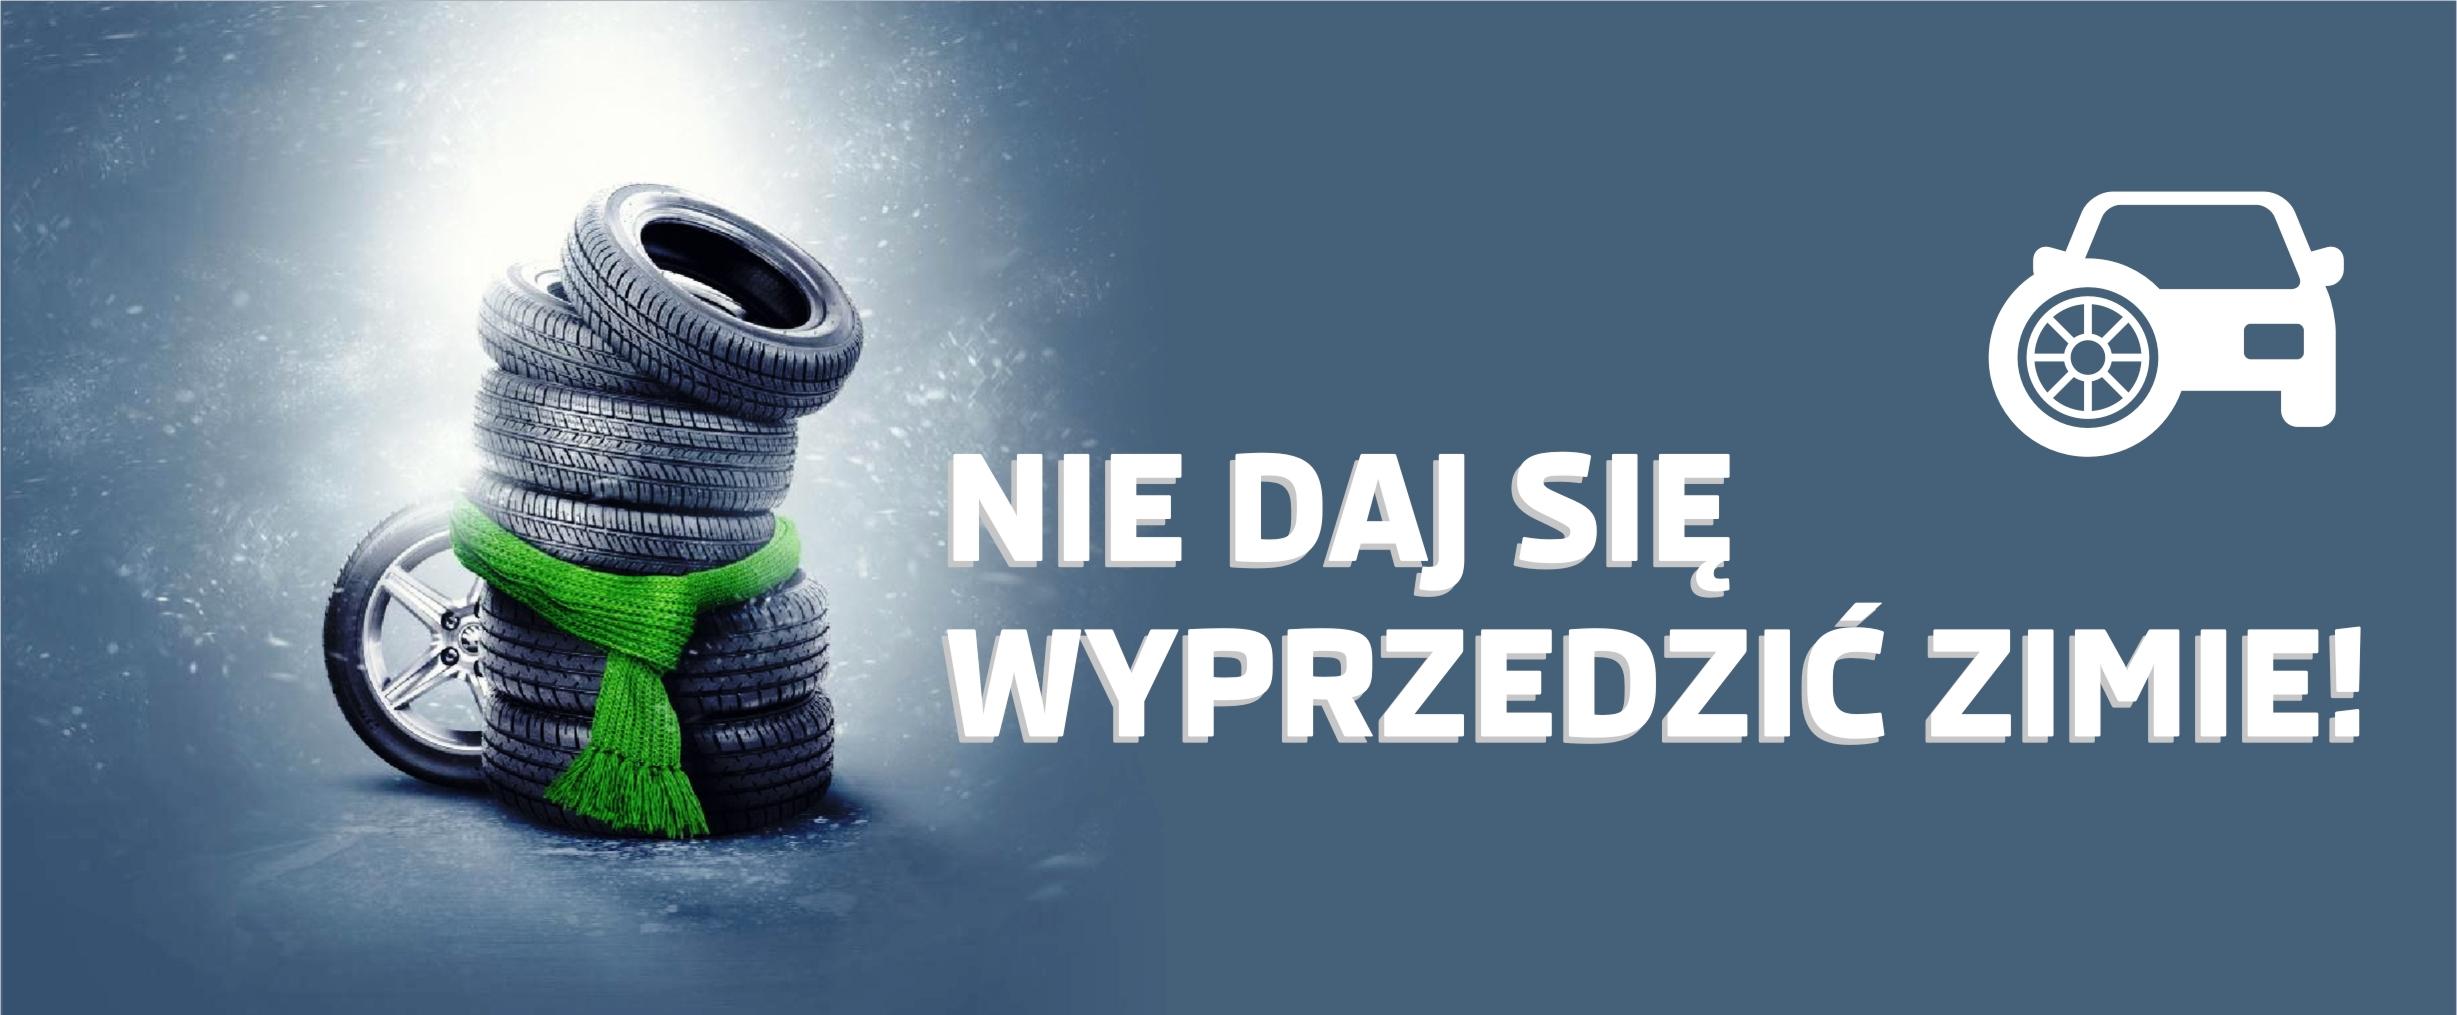 Nie daj się wyprzedzić zimie – szeroka oferta kół i opon zimowych.